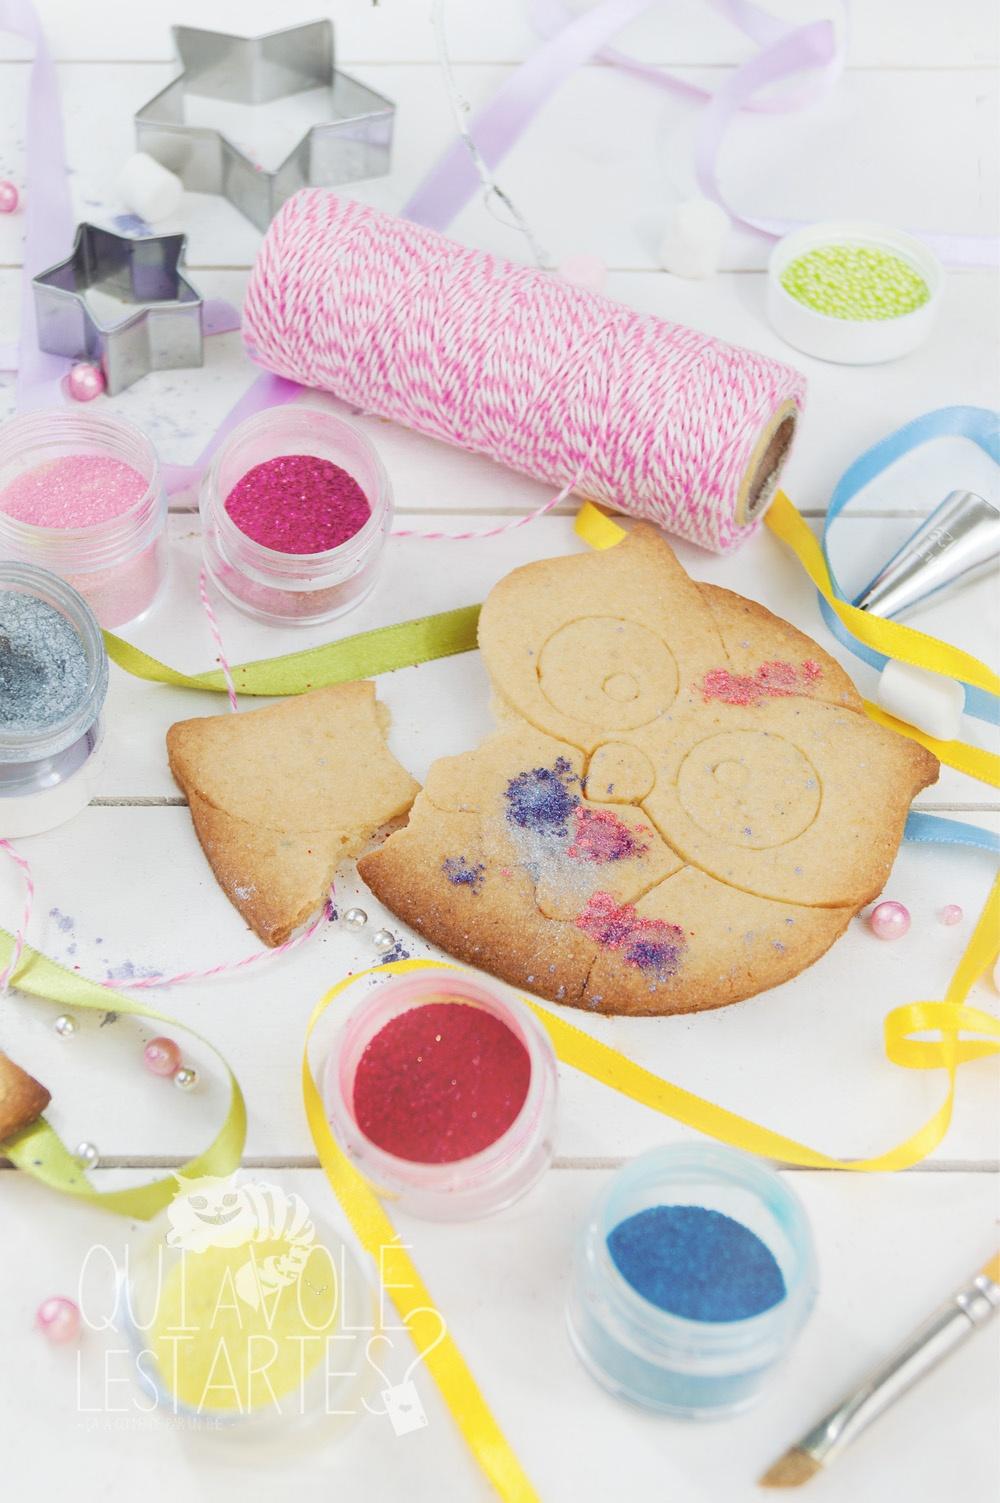 Gâteaux sucettes - Sablé à colorier 2 - Studio de création - Qui a volé les tartes